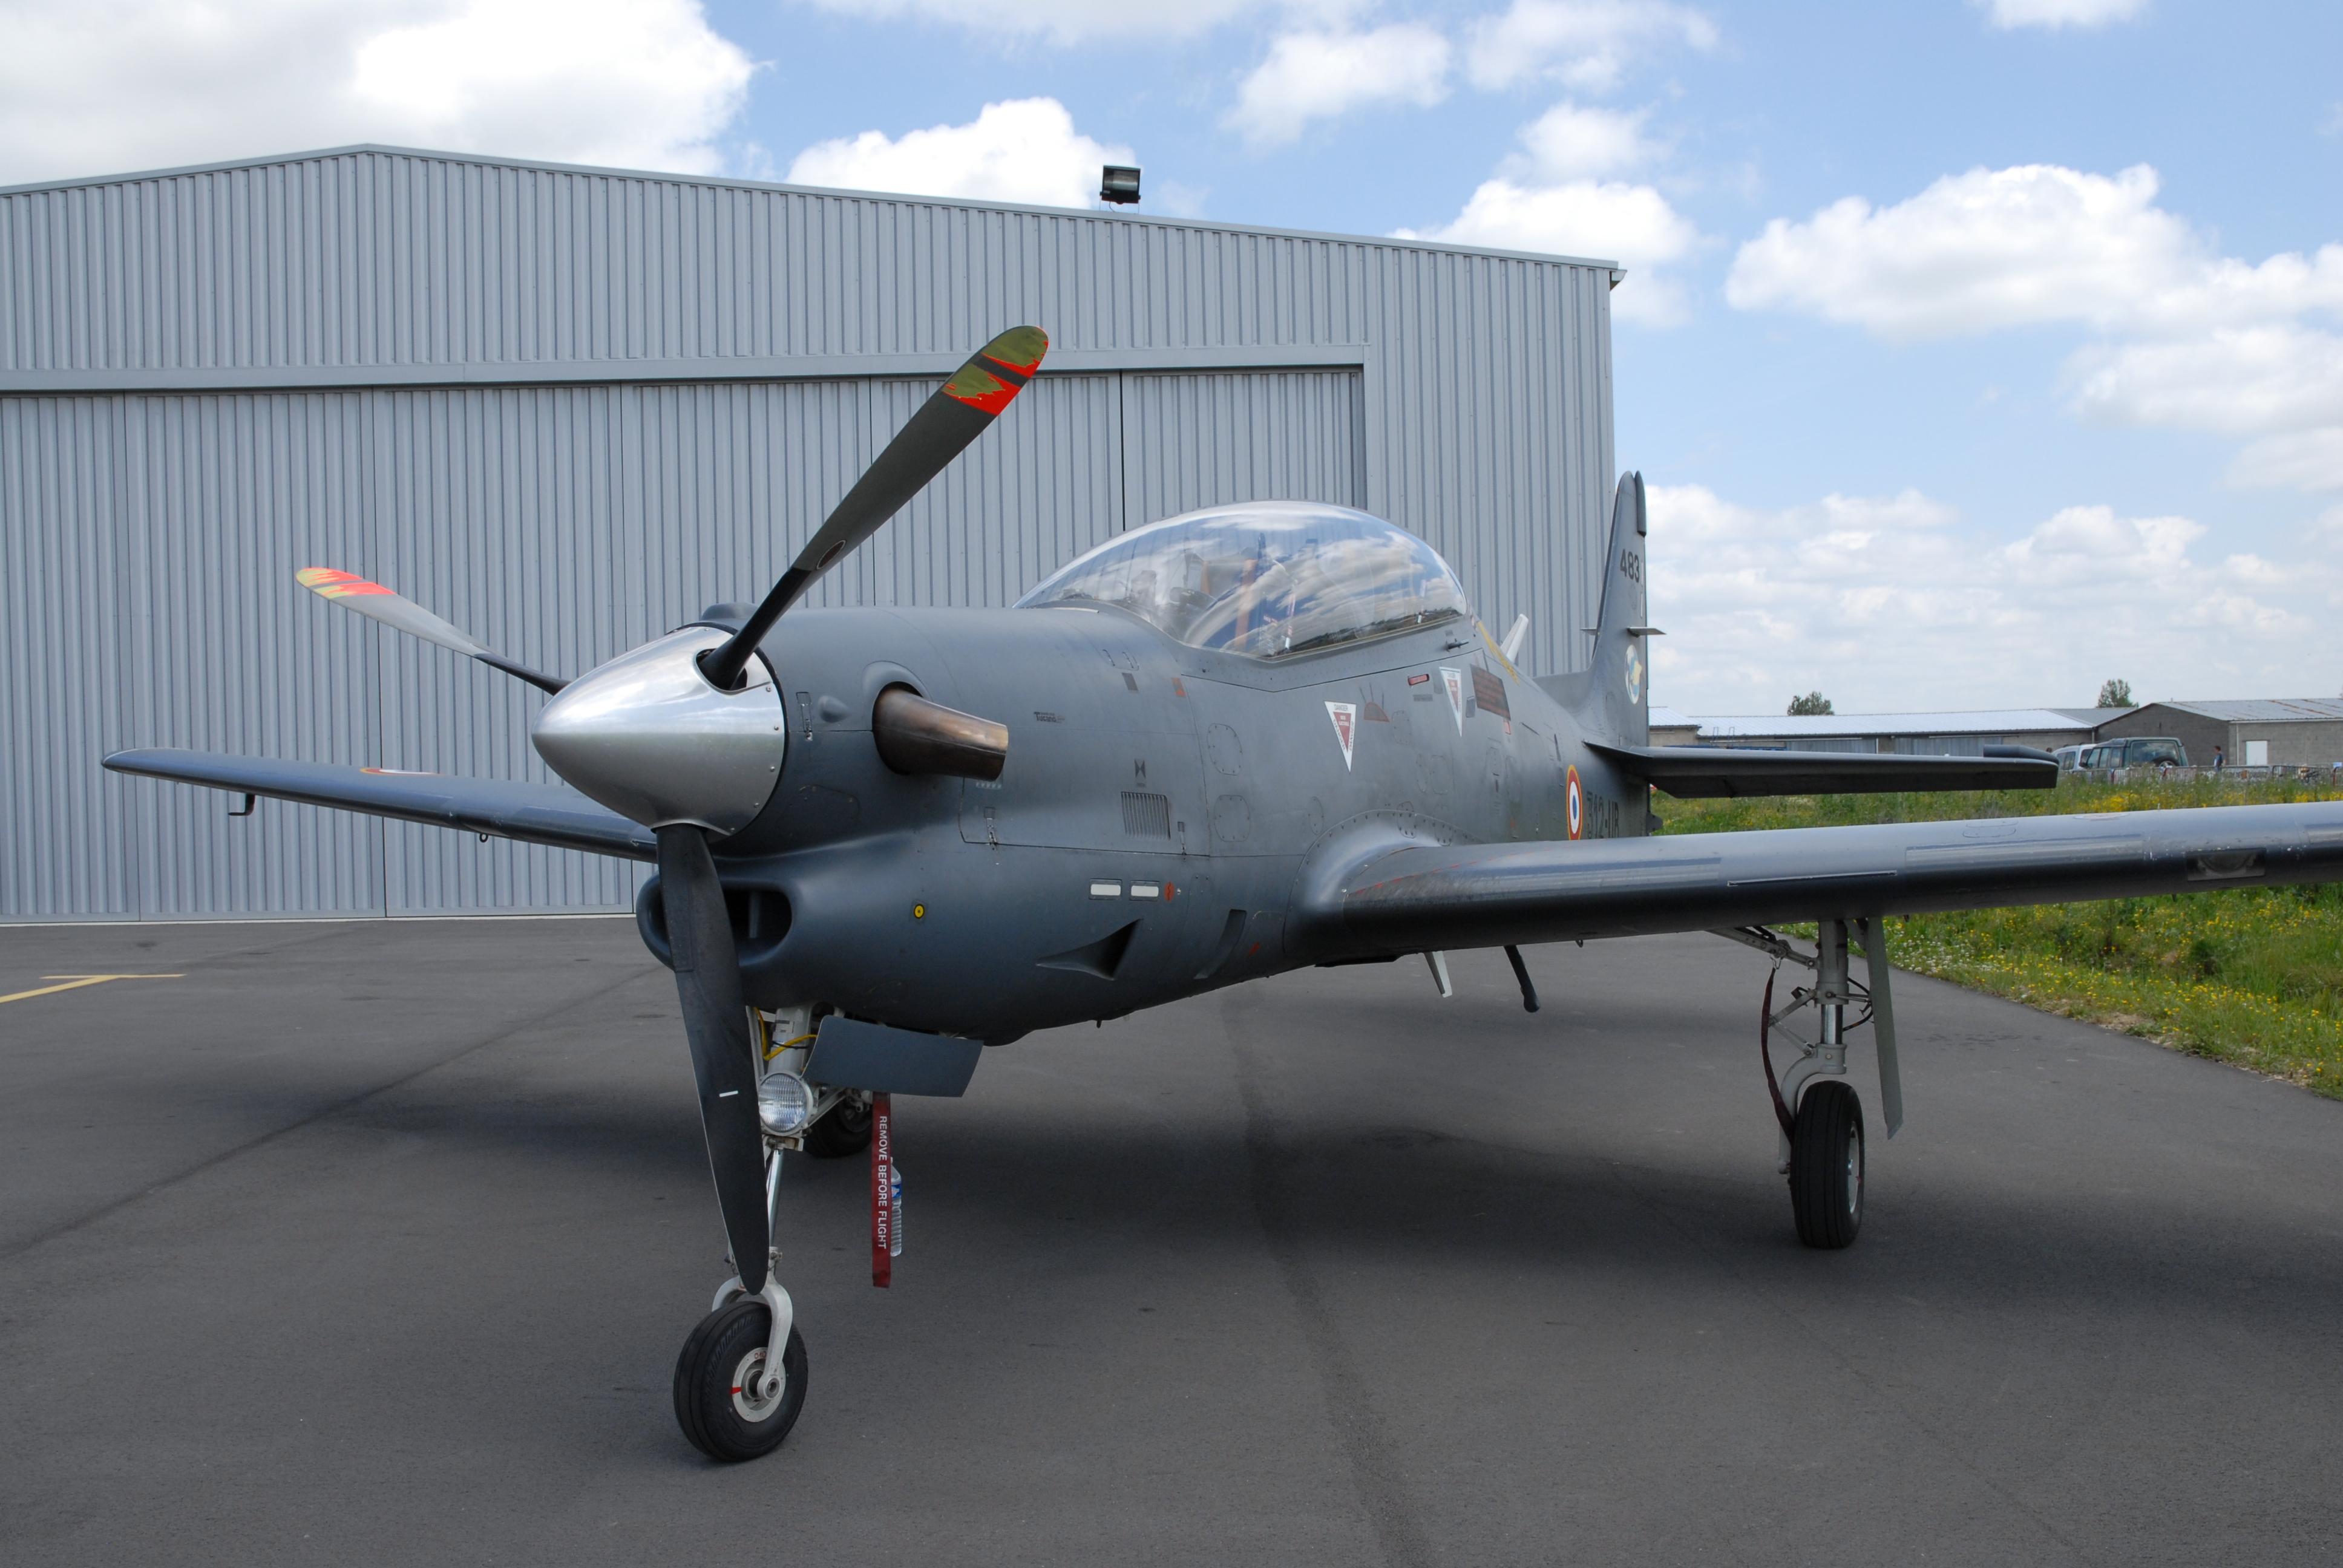 Fuerza aerea argentina Aviones y Helicopteros